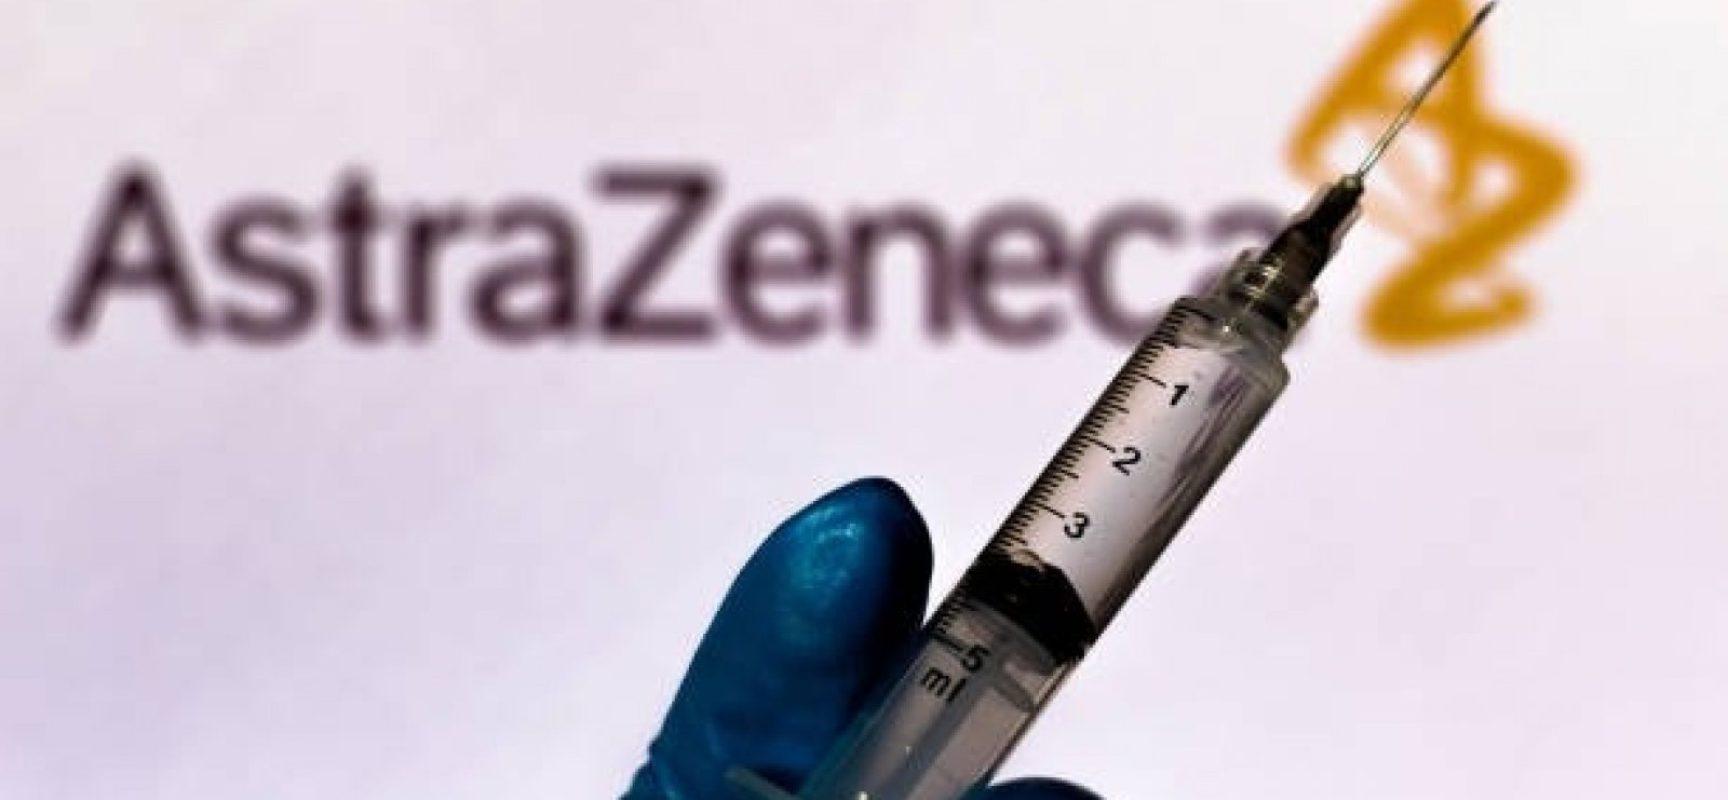 Reguladora europeia diz que benefícios da AstraZeneca superam riscos; OMS pede que países não pausem a vacinação